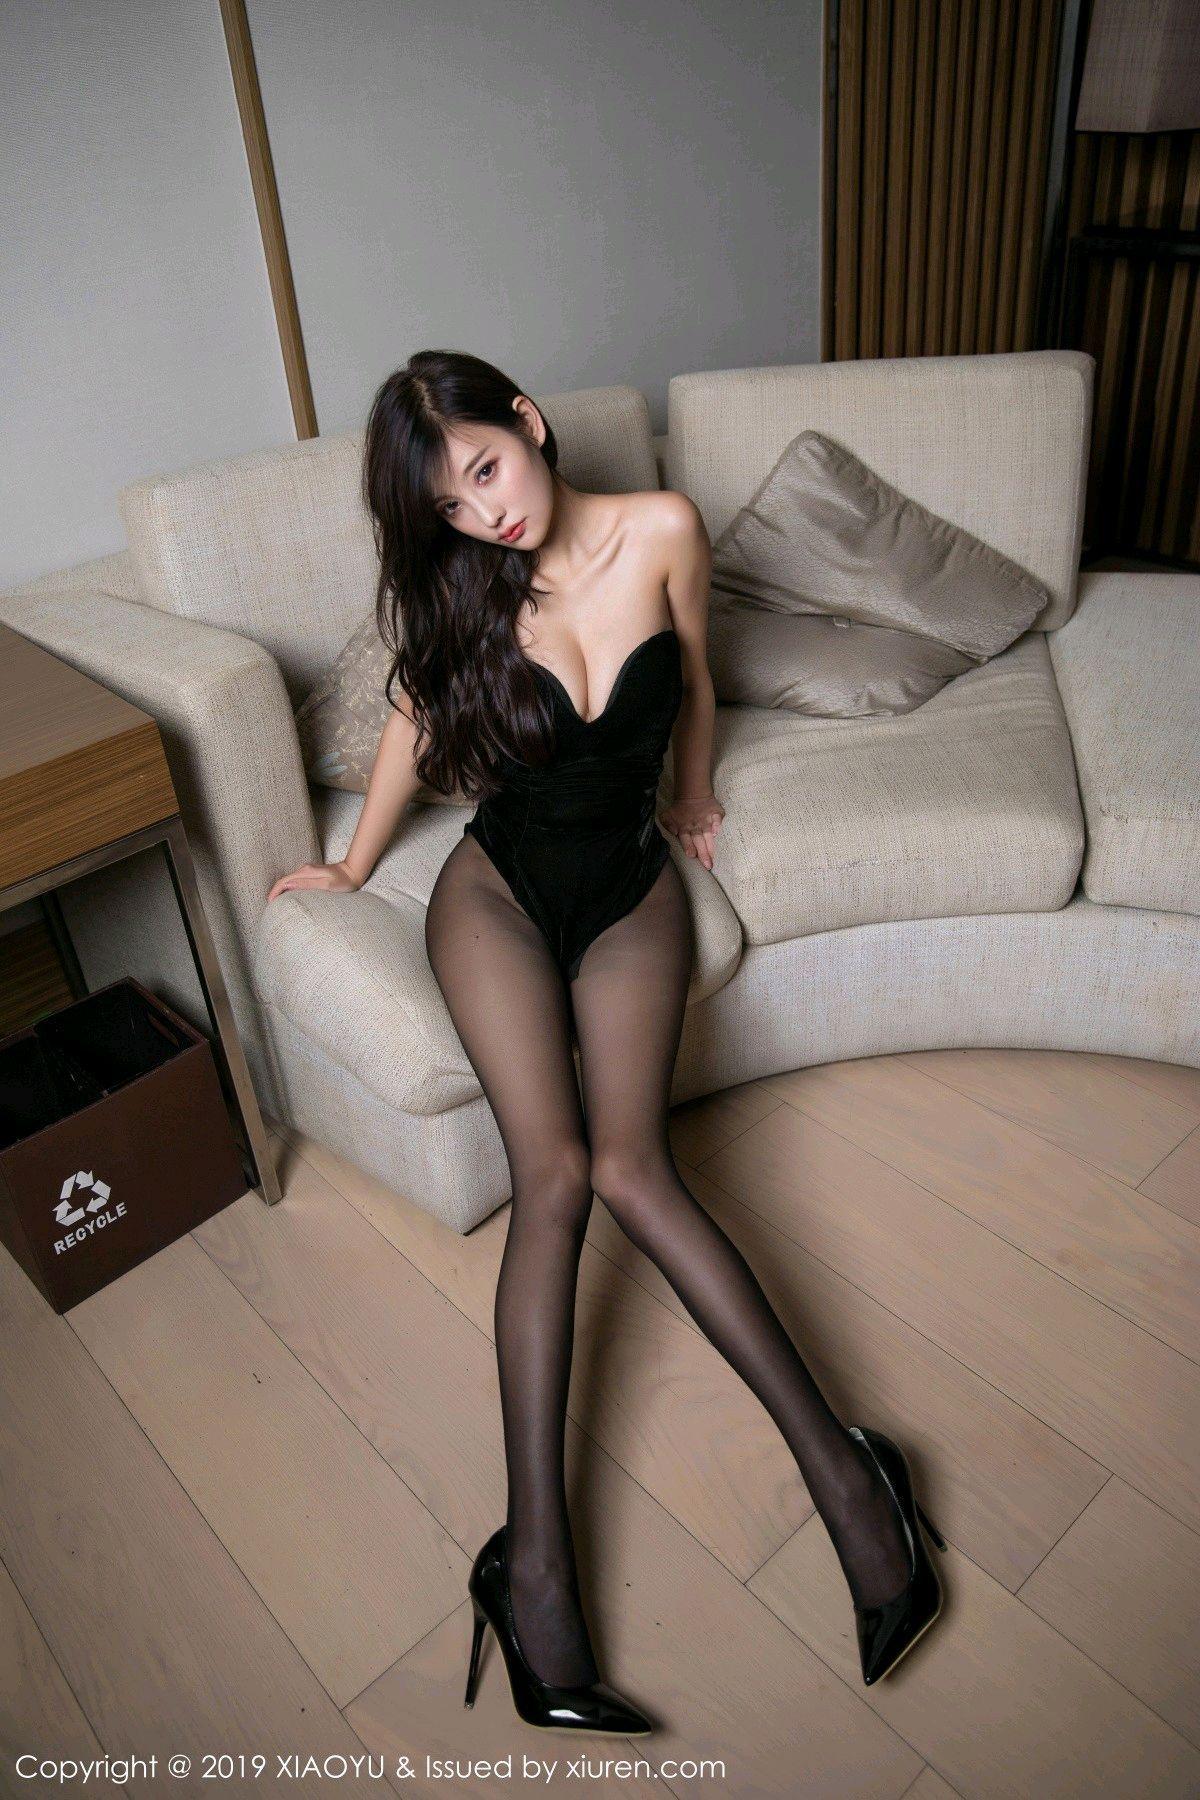 [XiaoYu] Vol.012 Yang Chen Chen 10P, Black Silk, Tall, XiaoYu, Yang Chen Chen